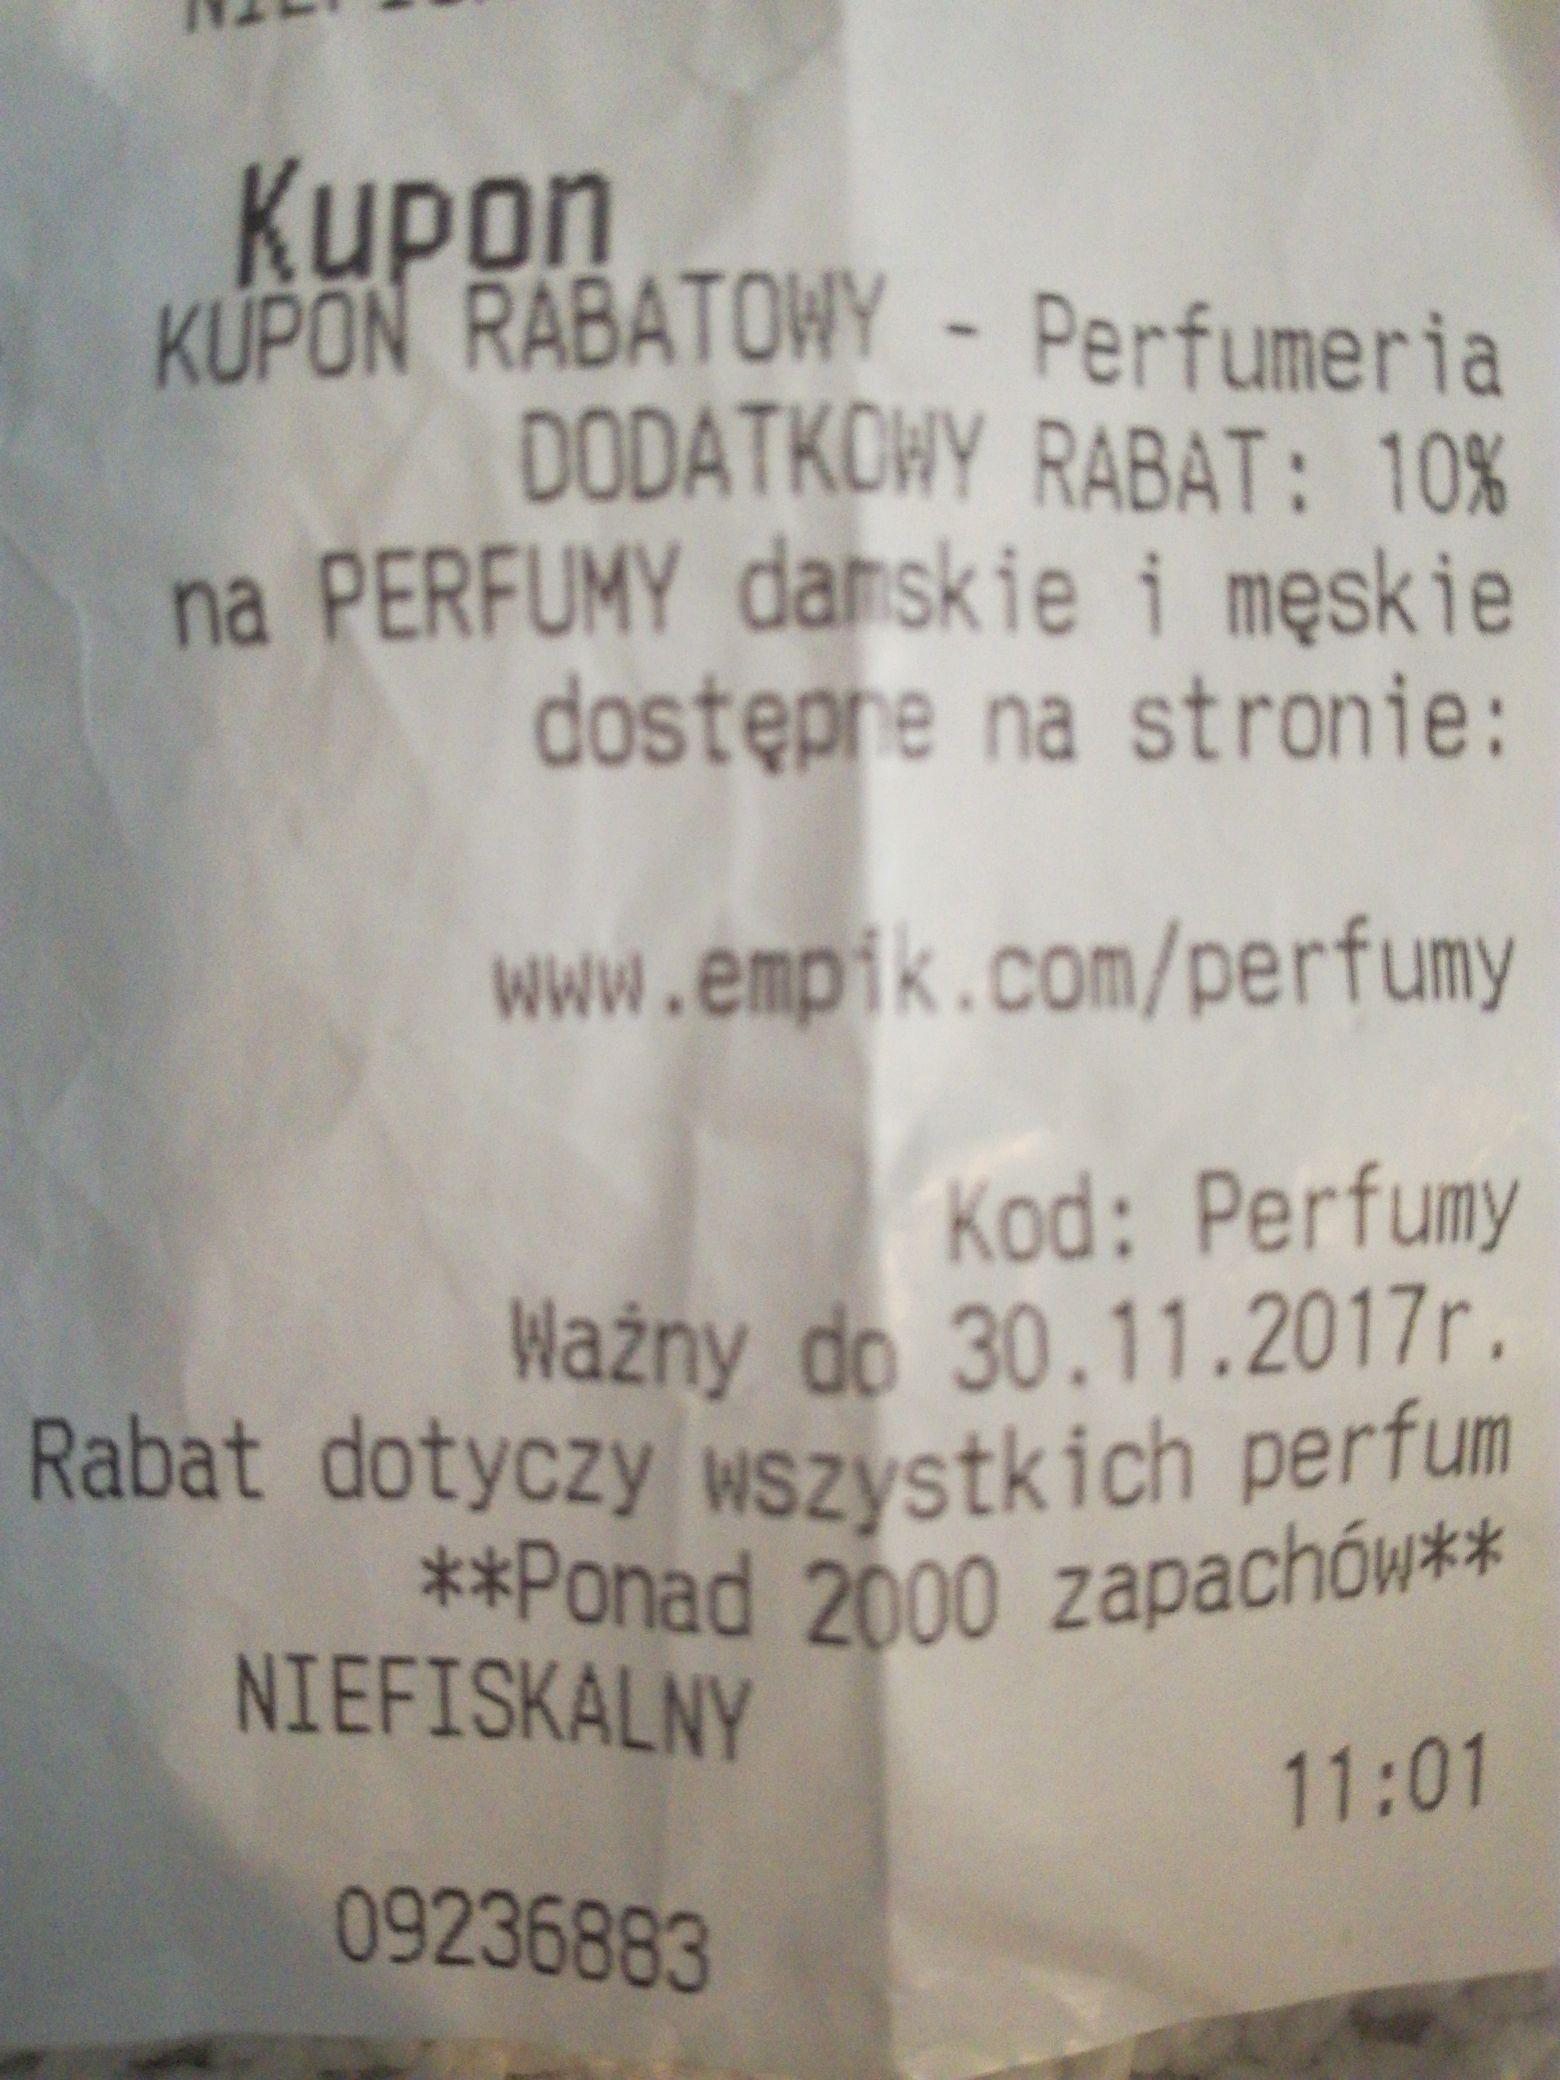 Dodatkowy rabat na perfumy w Empik.com 10%